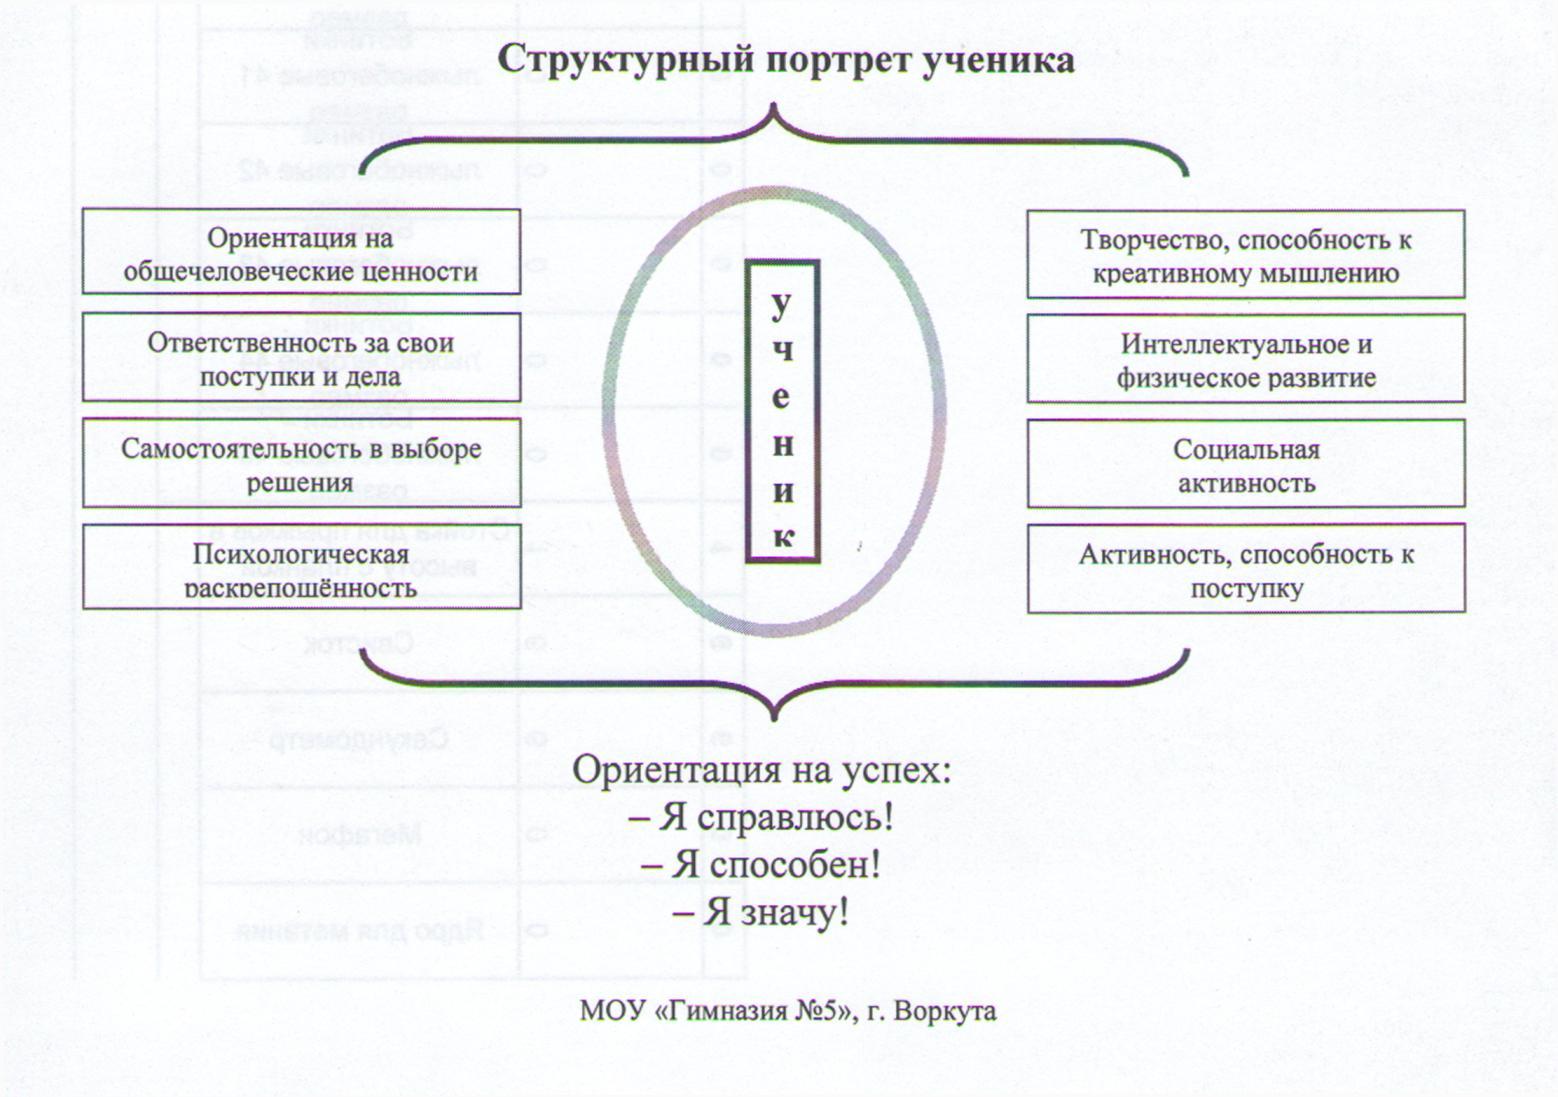 C:\Users\Галина Васильевна\Desktop\ученик.tif